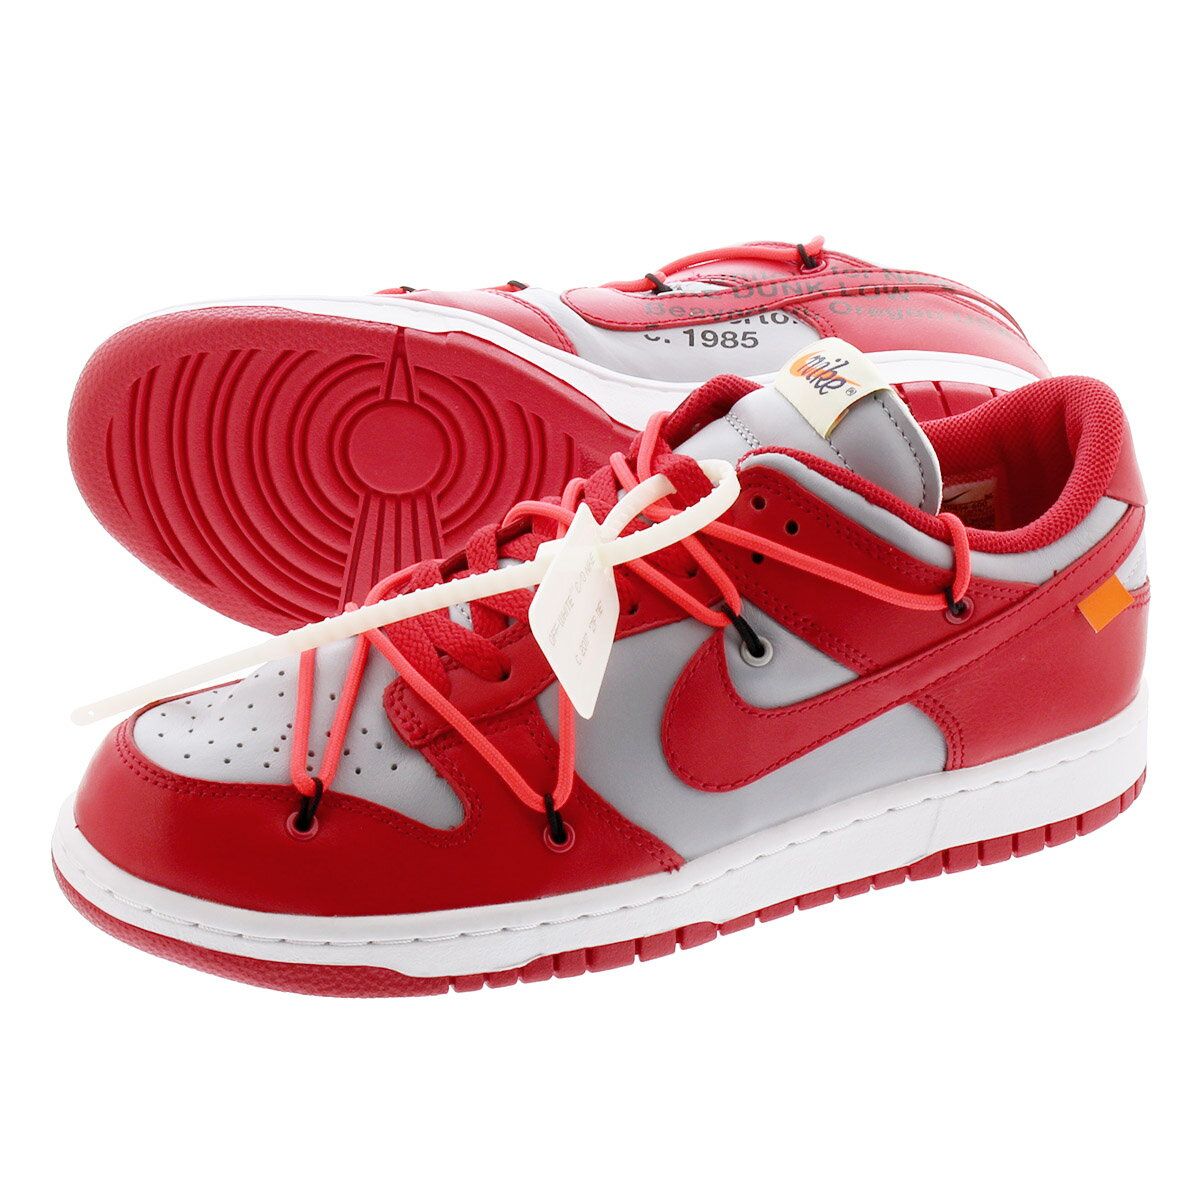 メンズ靴, スニーカー NIKE DUNK LOW LTHR OFF-WHITE UNIVERSITY REDWOLF GREY ct0856-600